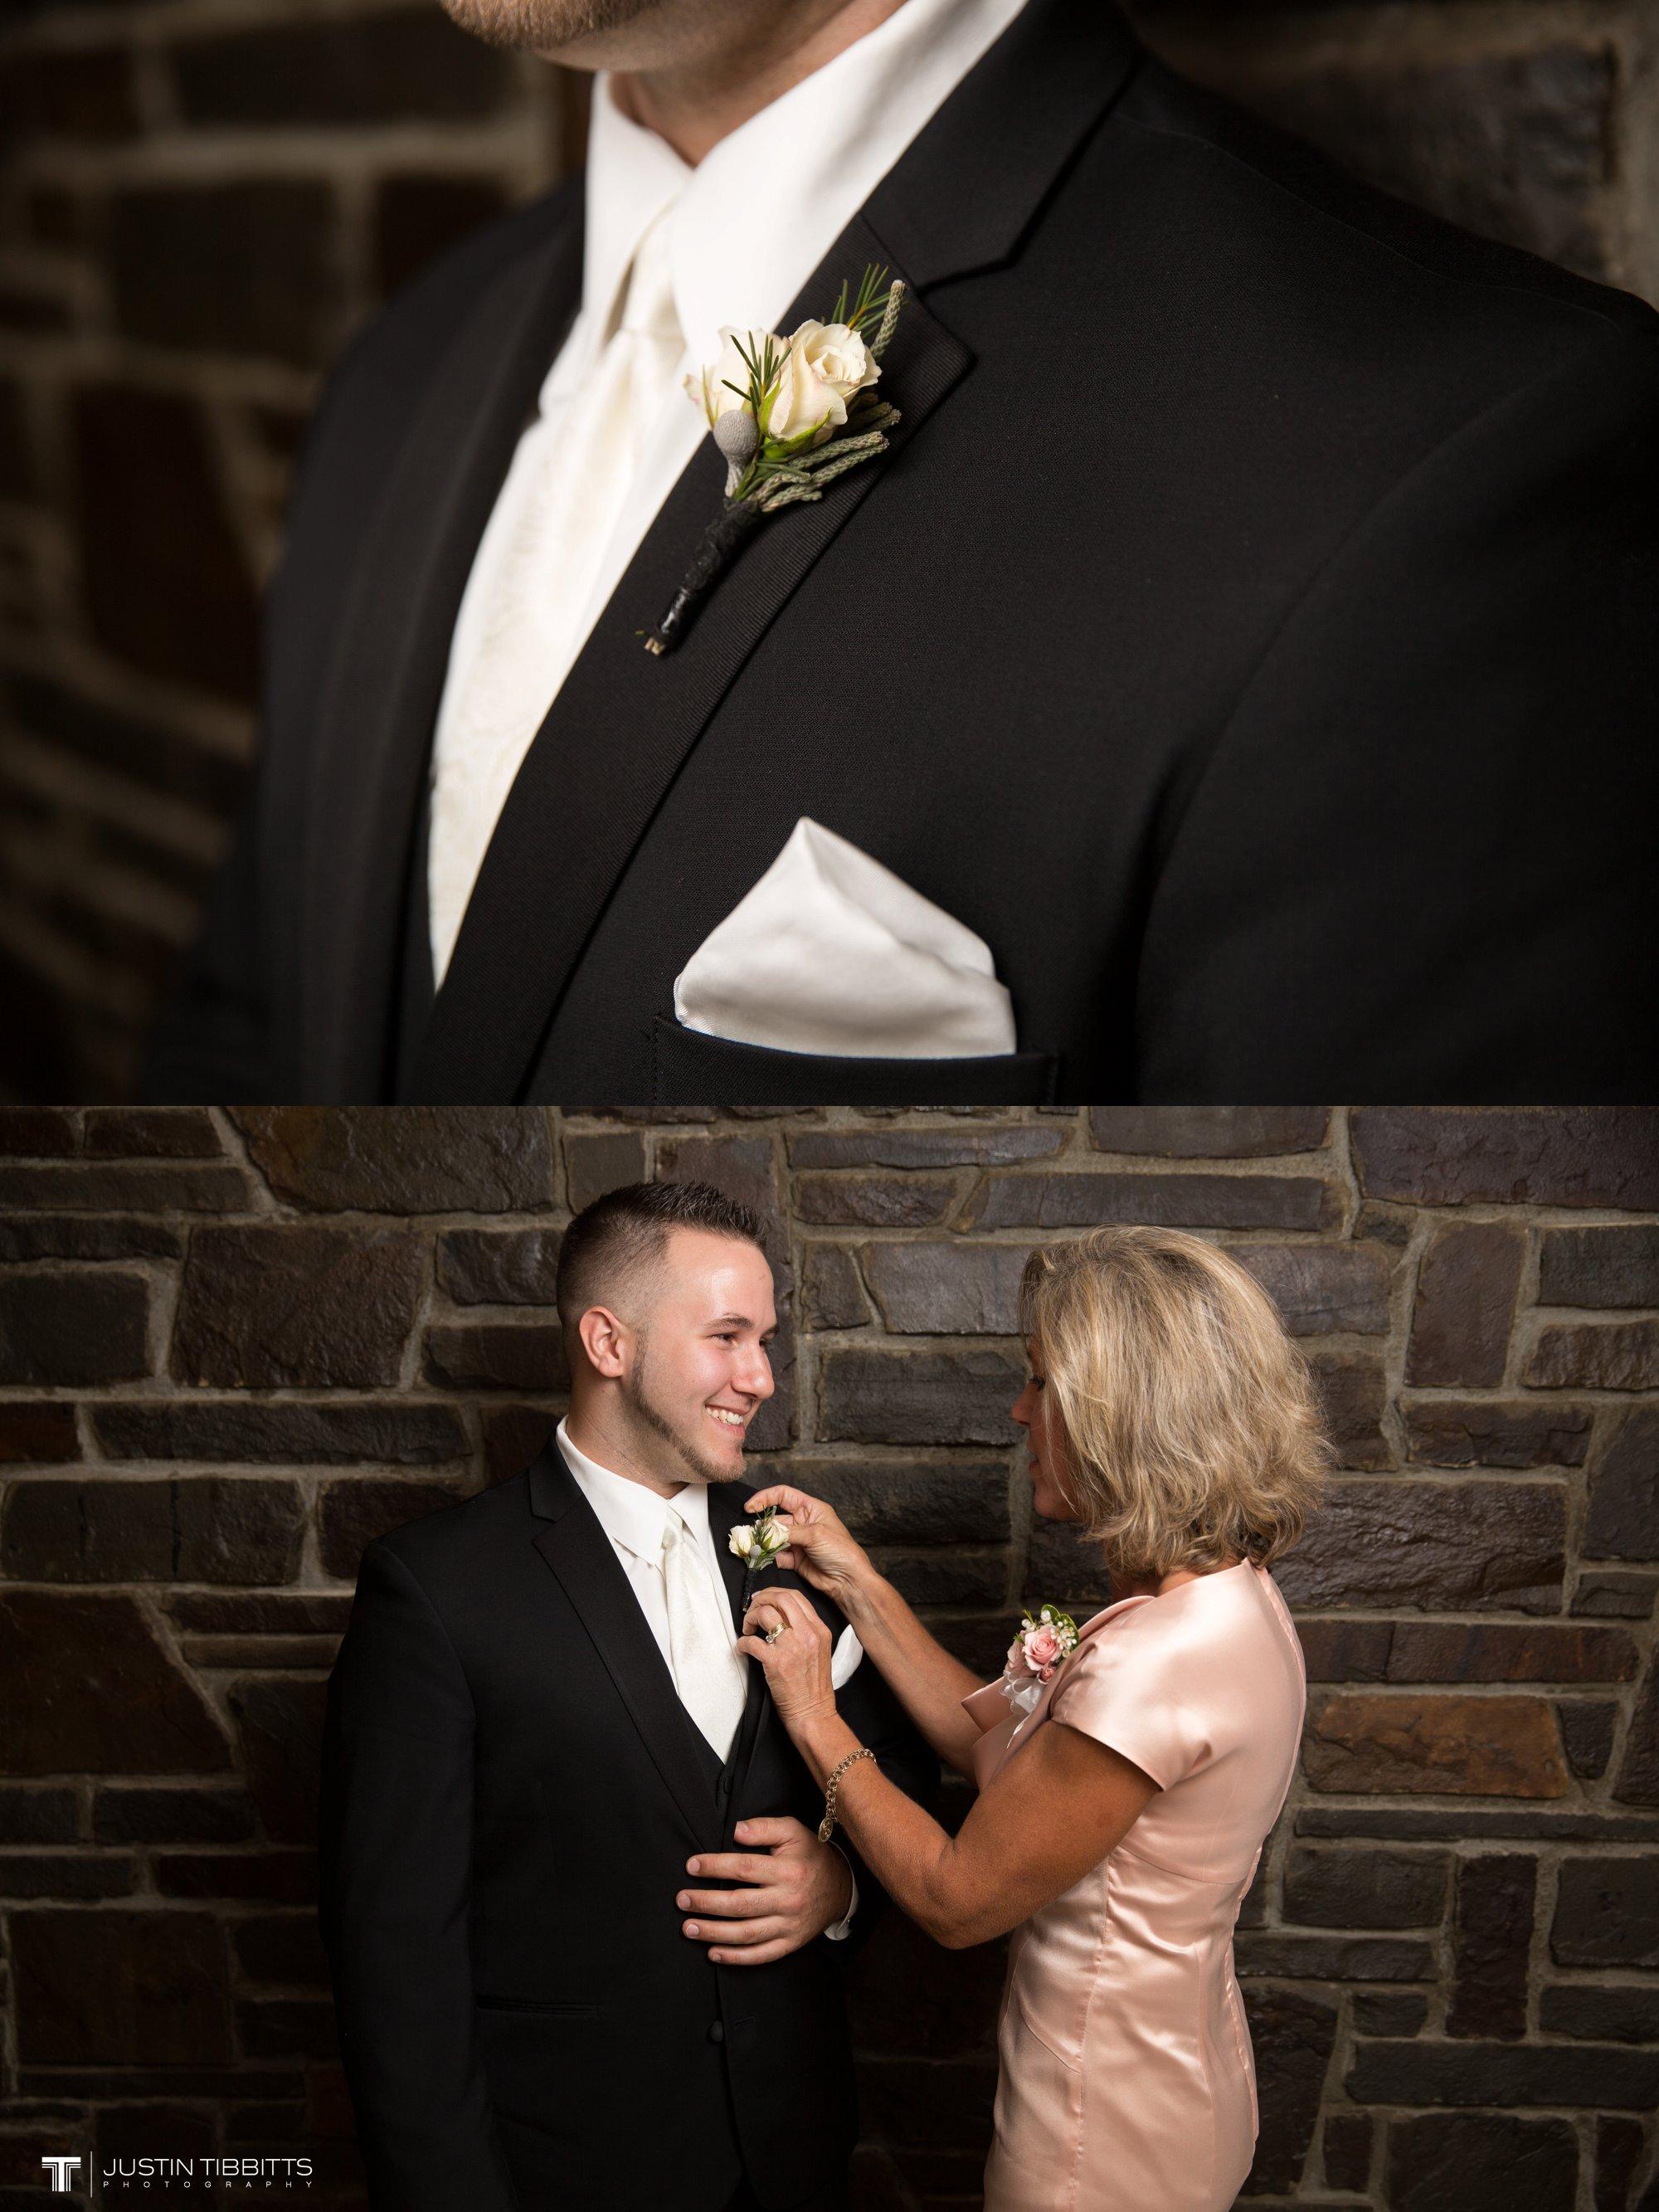 Albany NY Wedding Photographer Justin Tibbitts Photography Best of Albany NY Weddings 201447